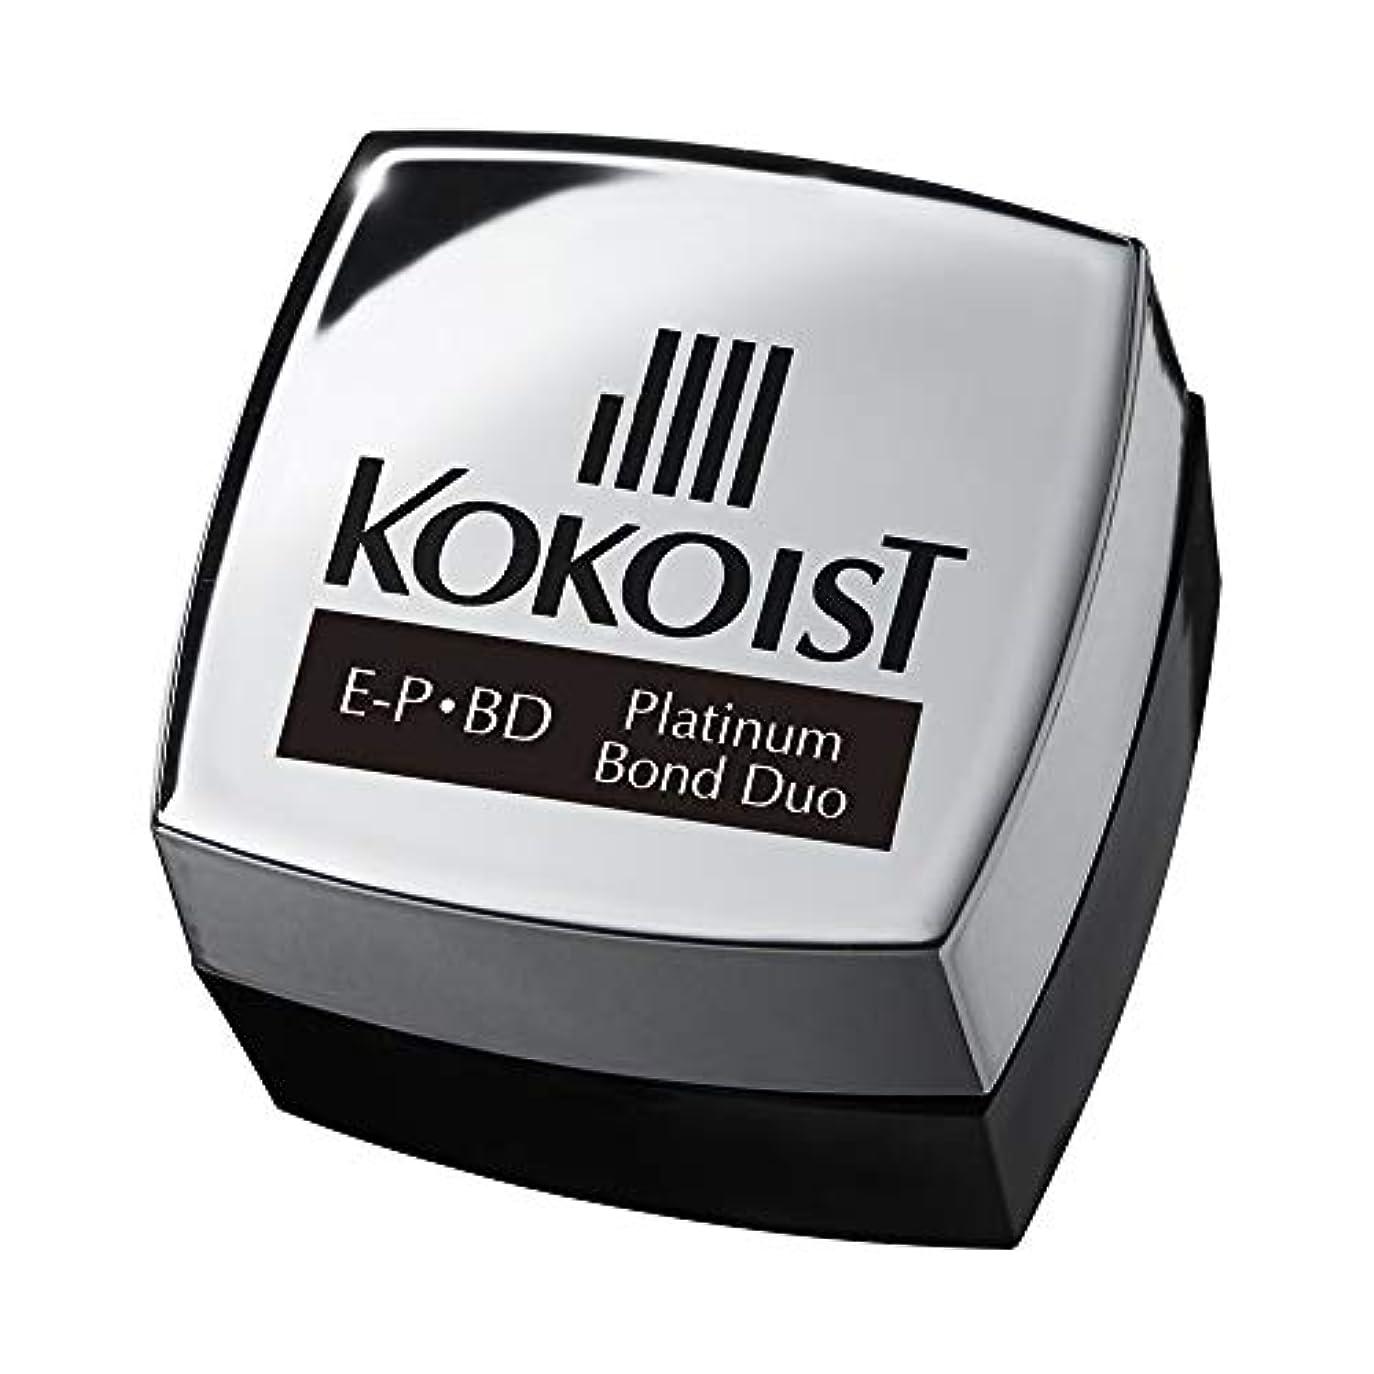 損傷ライオン債権者KOKOIST プラチナボンドデュオ 4g UV/LED対応